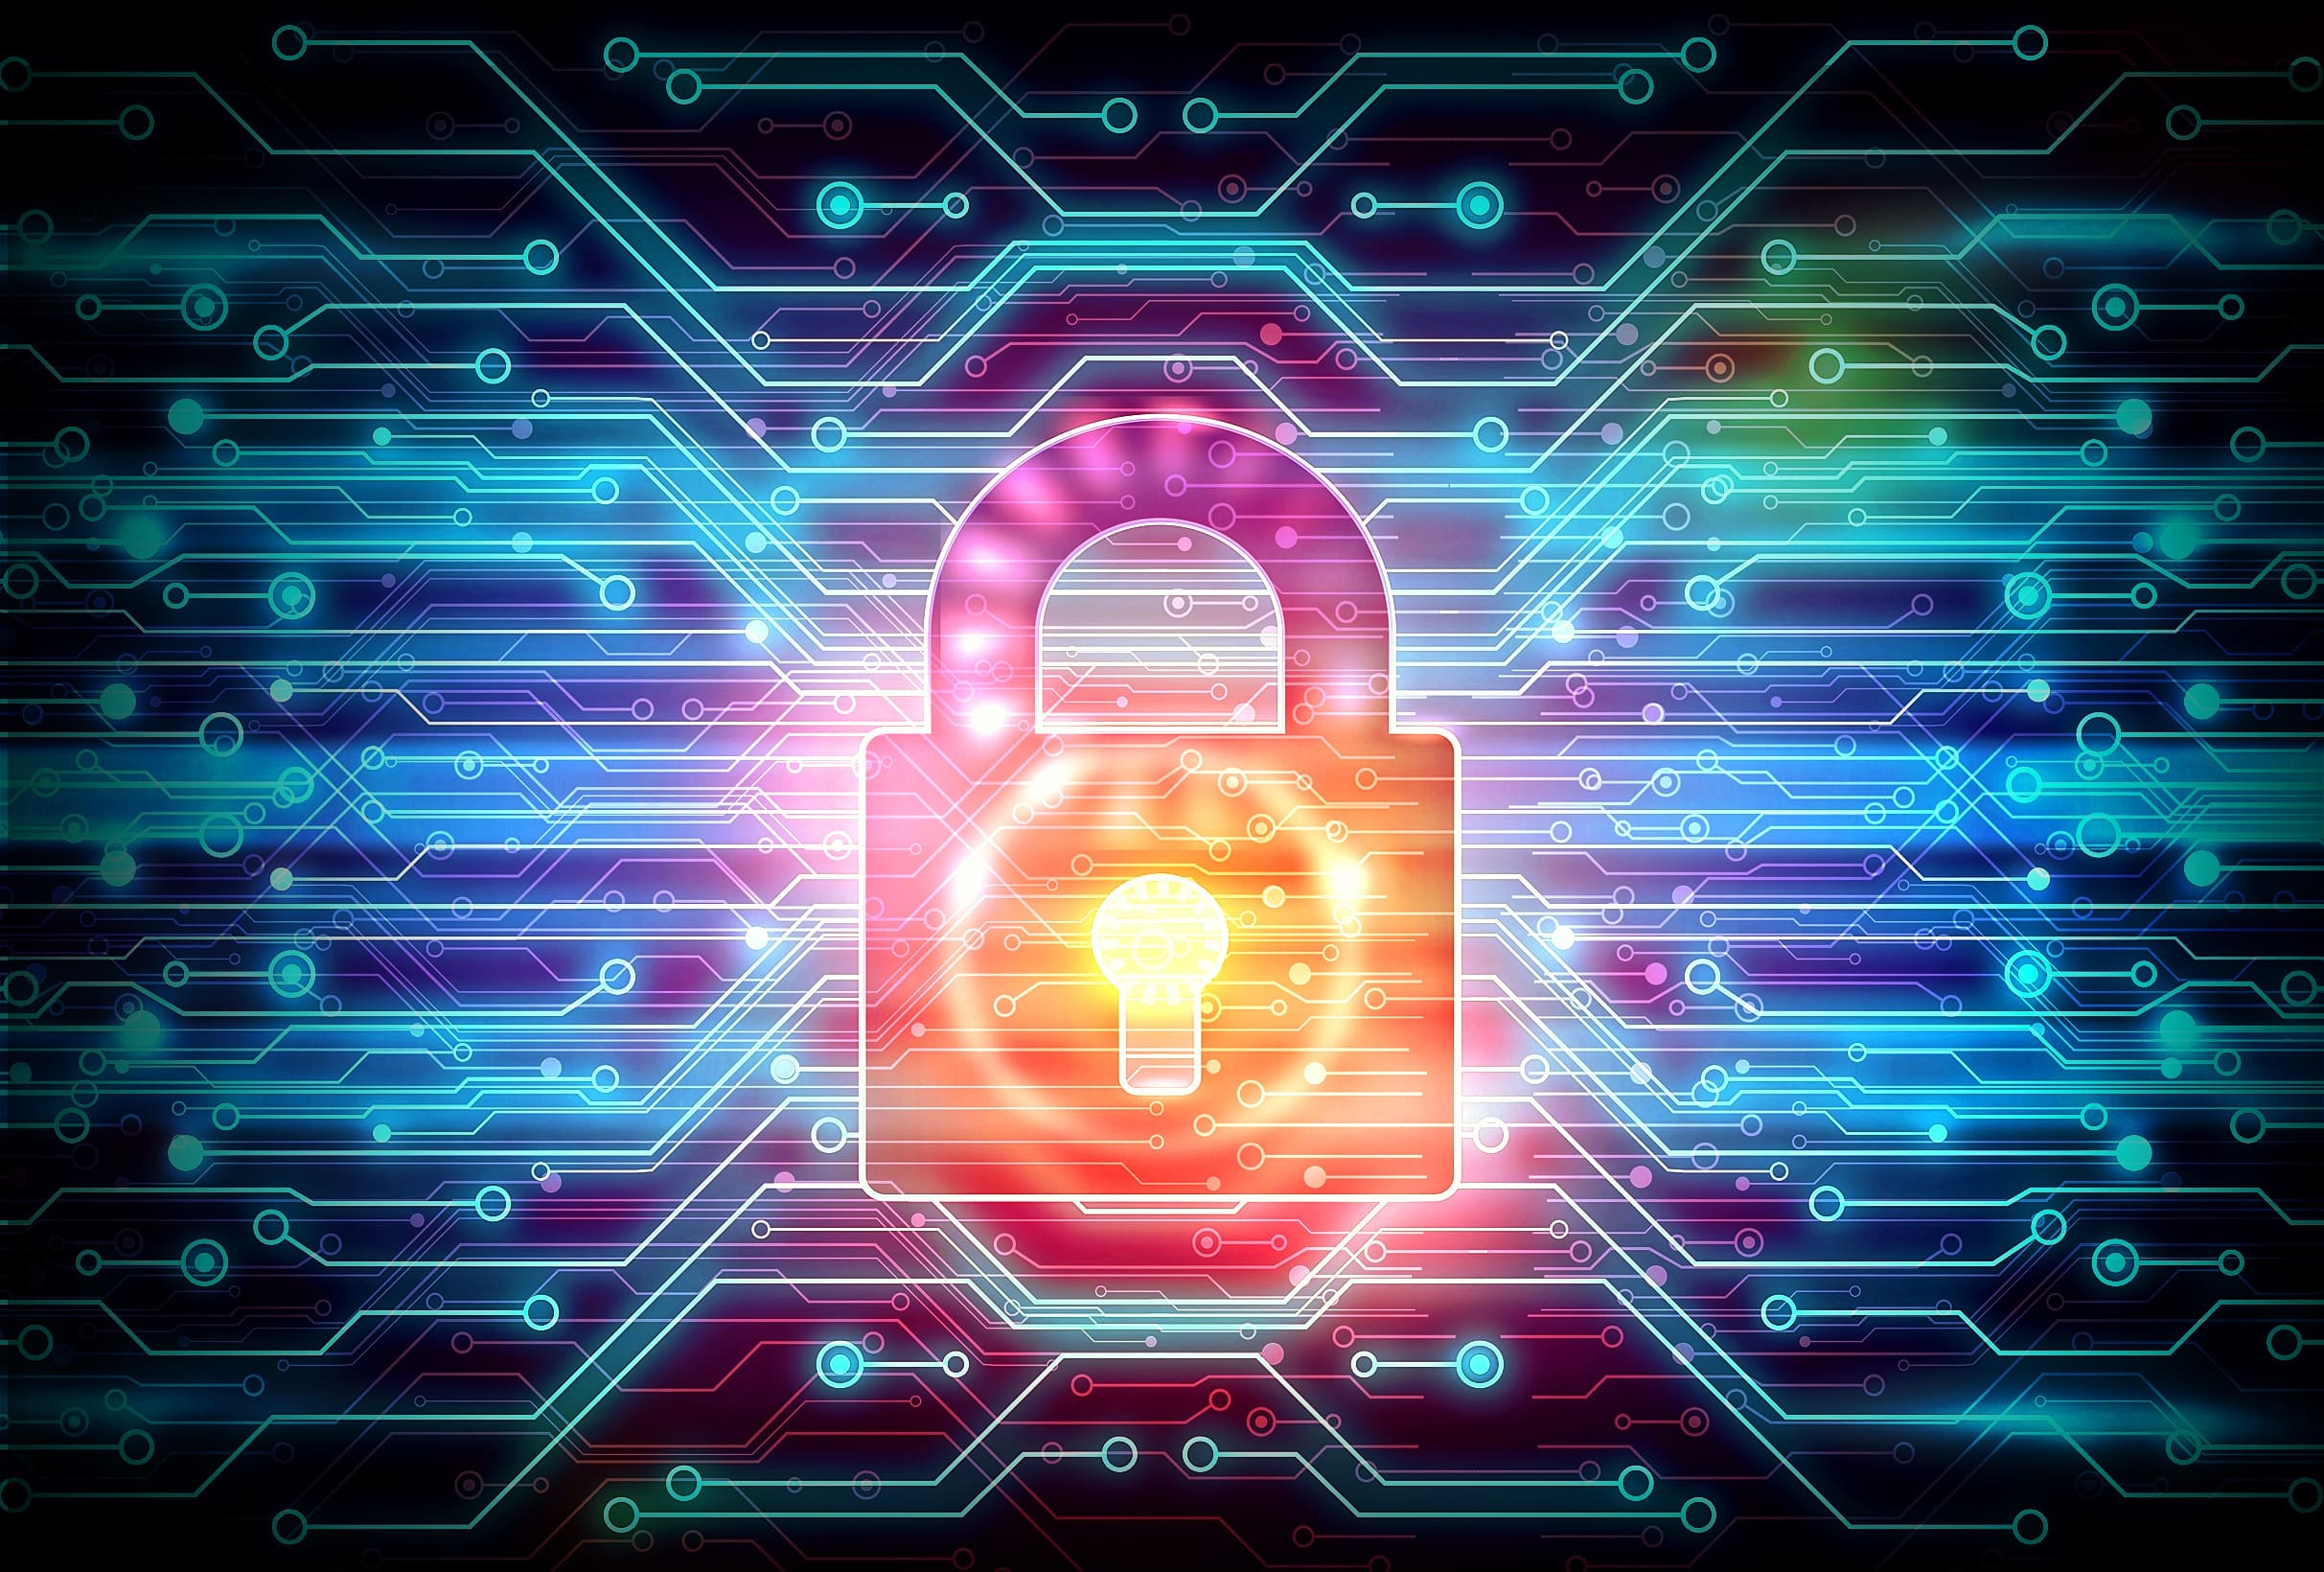 WannaCry: ¿qué tendríamos que aprender?